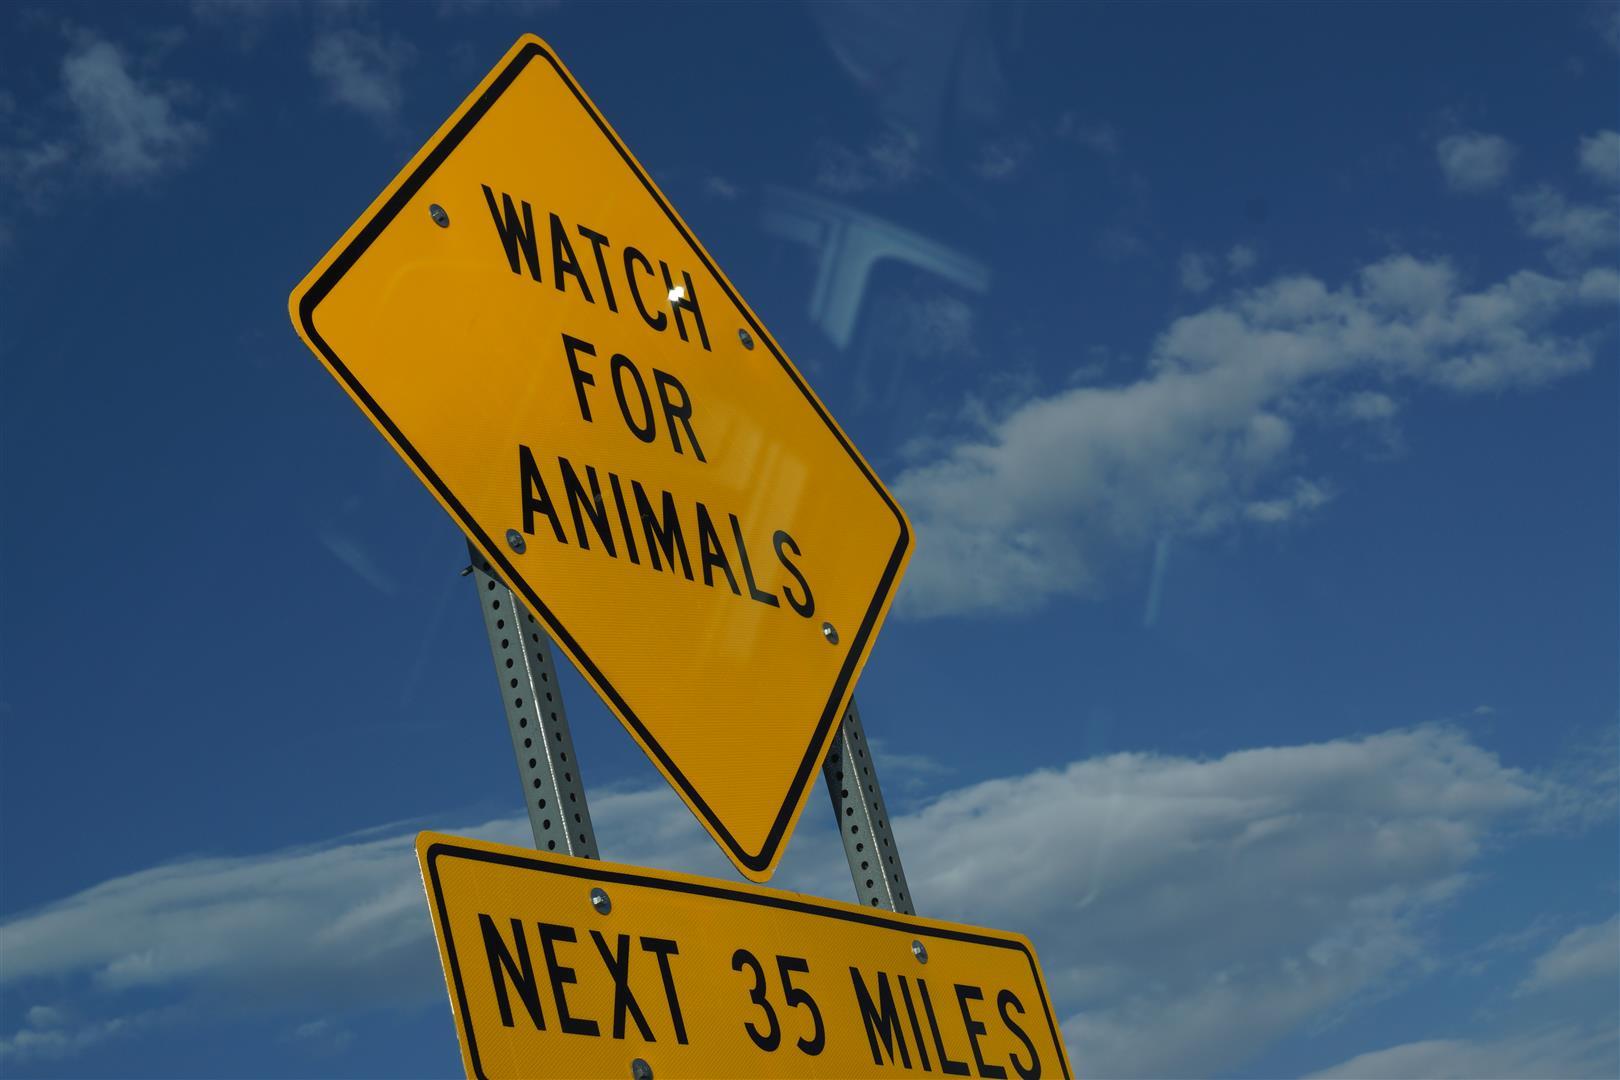 Auf dem Weg nach Young wurden wir schon vor Tieren gewarnt.